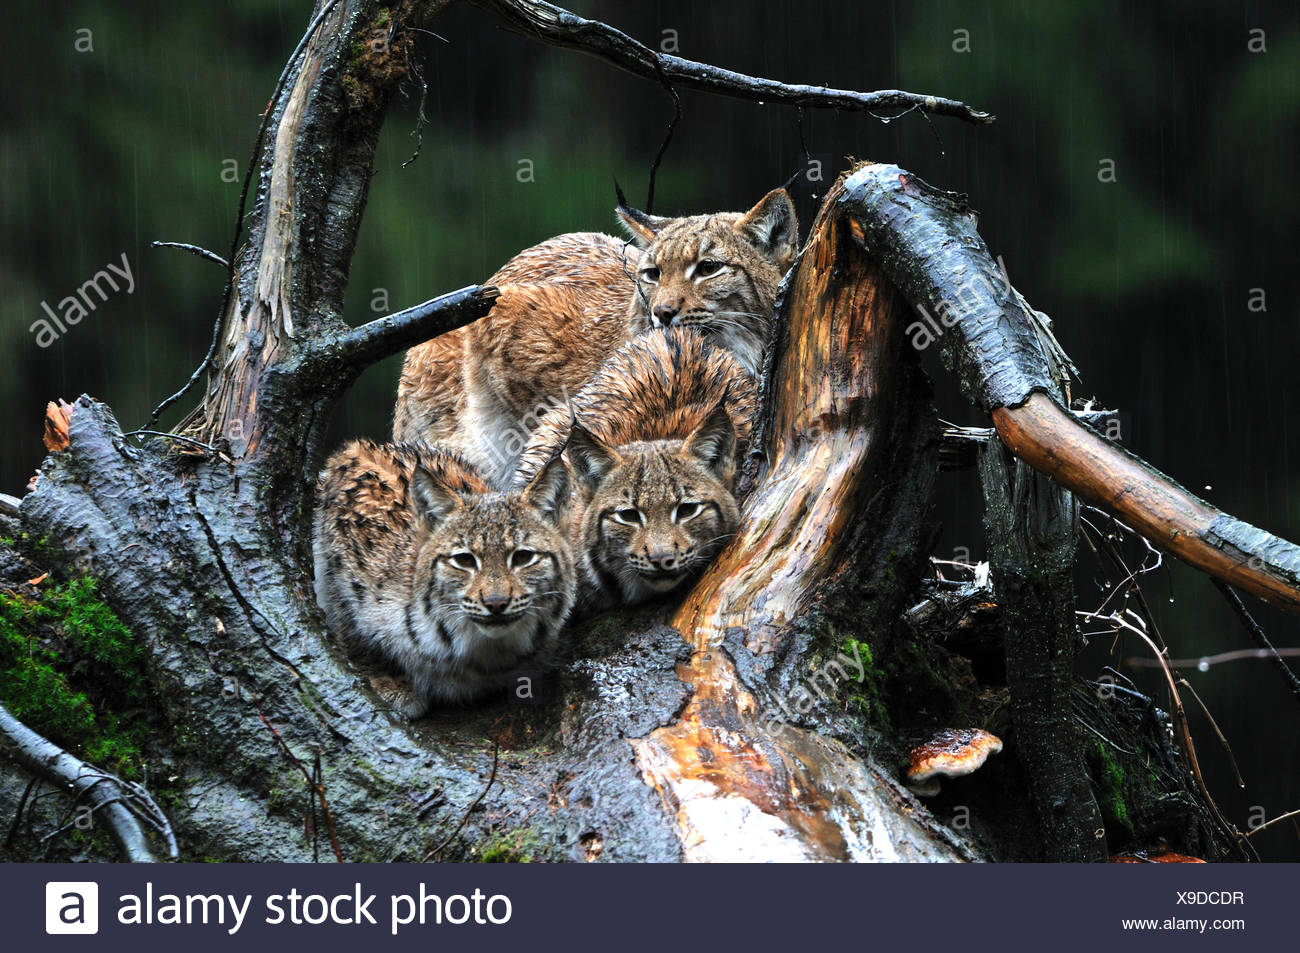 Lynx cat big cat gatos predator wildcat gatos grandes linces los animales de peletería invernales nieve Lynx Lynx lynx lince euroasiático Unión Imagen De Stock